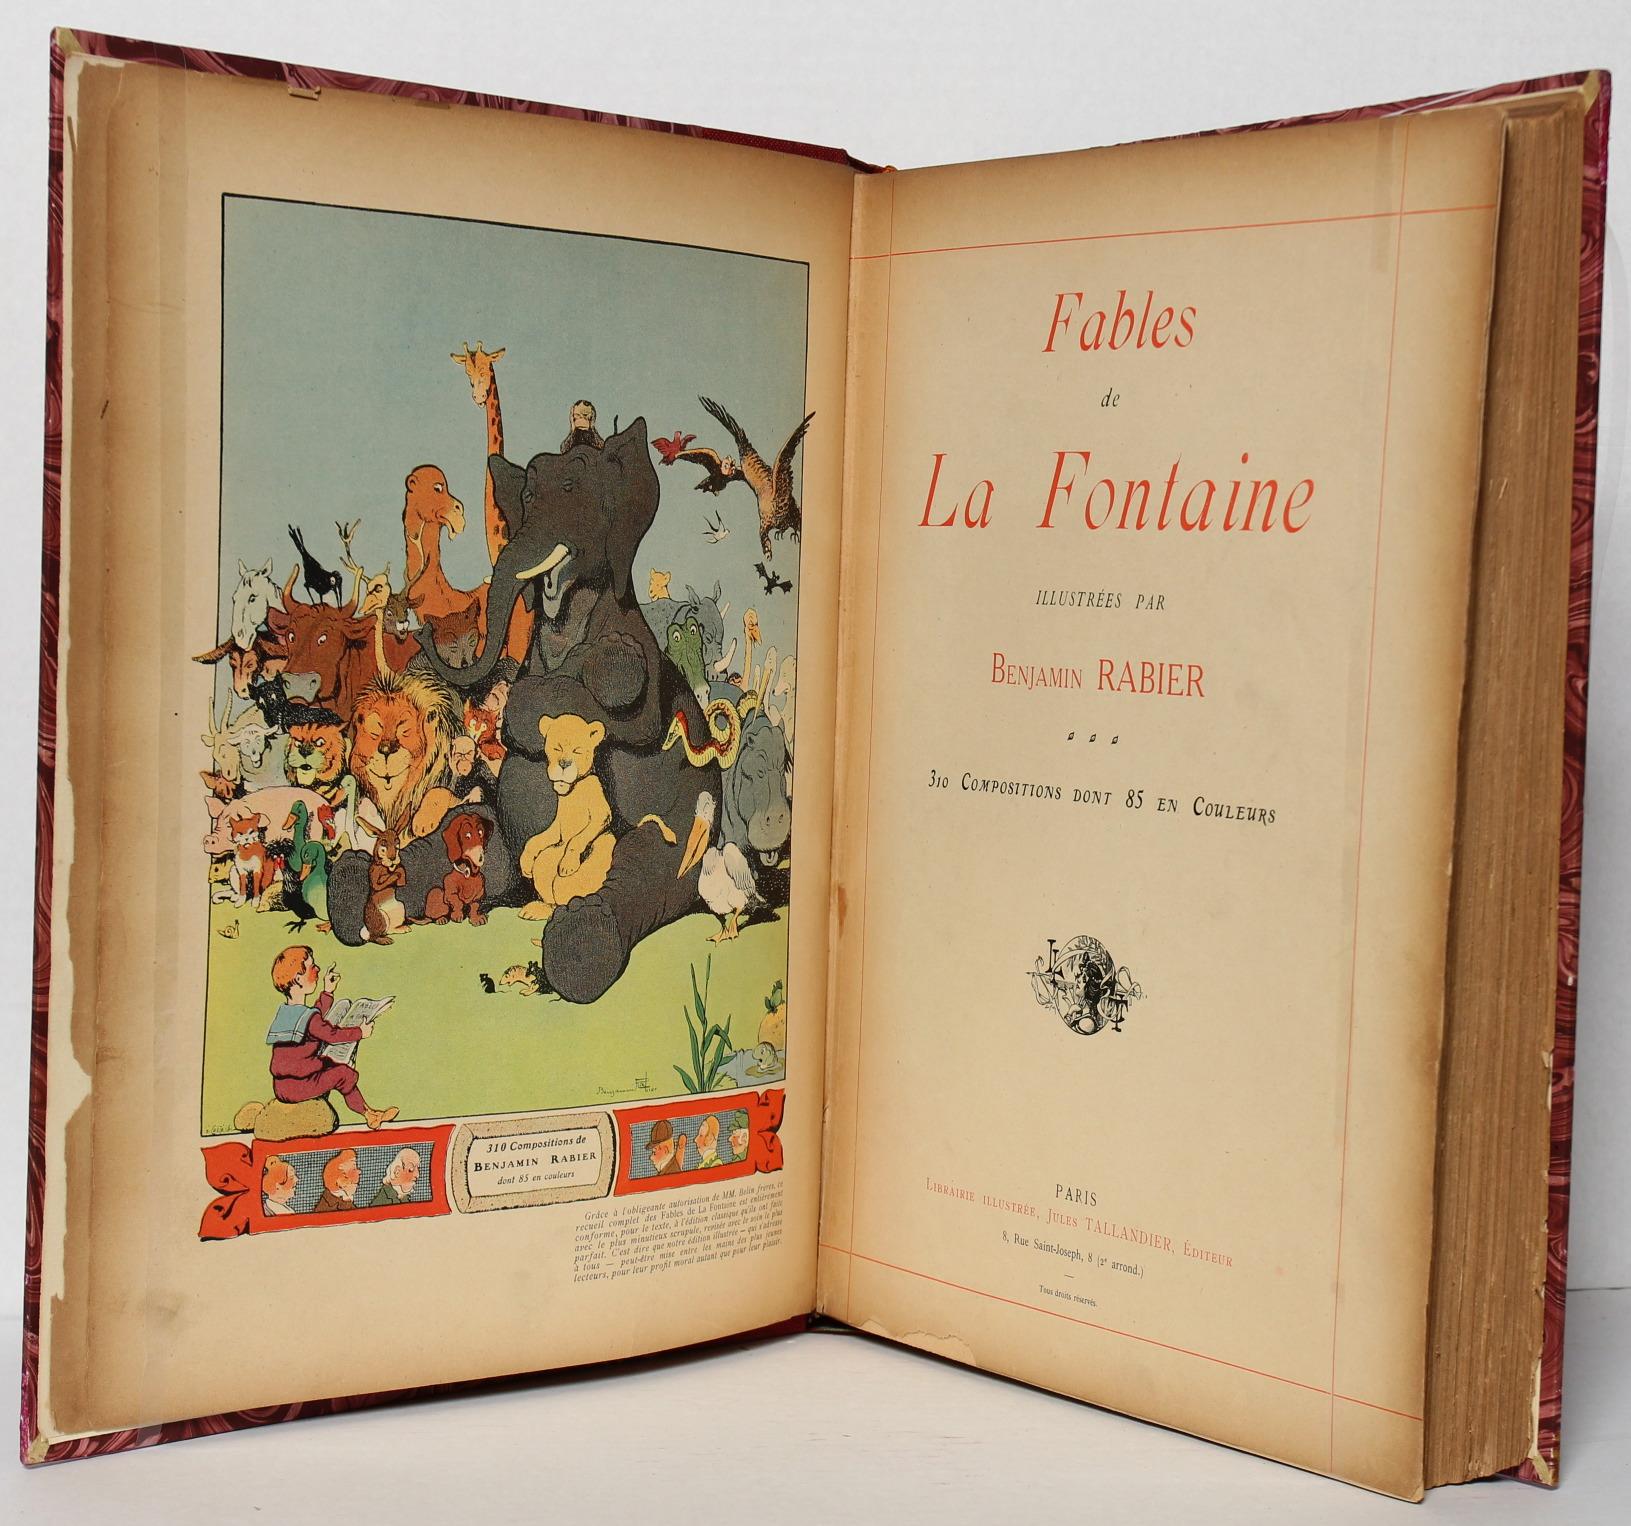 Fables de La Fontaine illustrées par Benjamin Rabier. Page titre. Livre ancien.